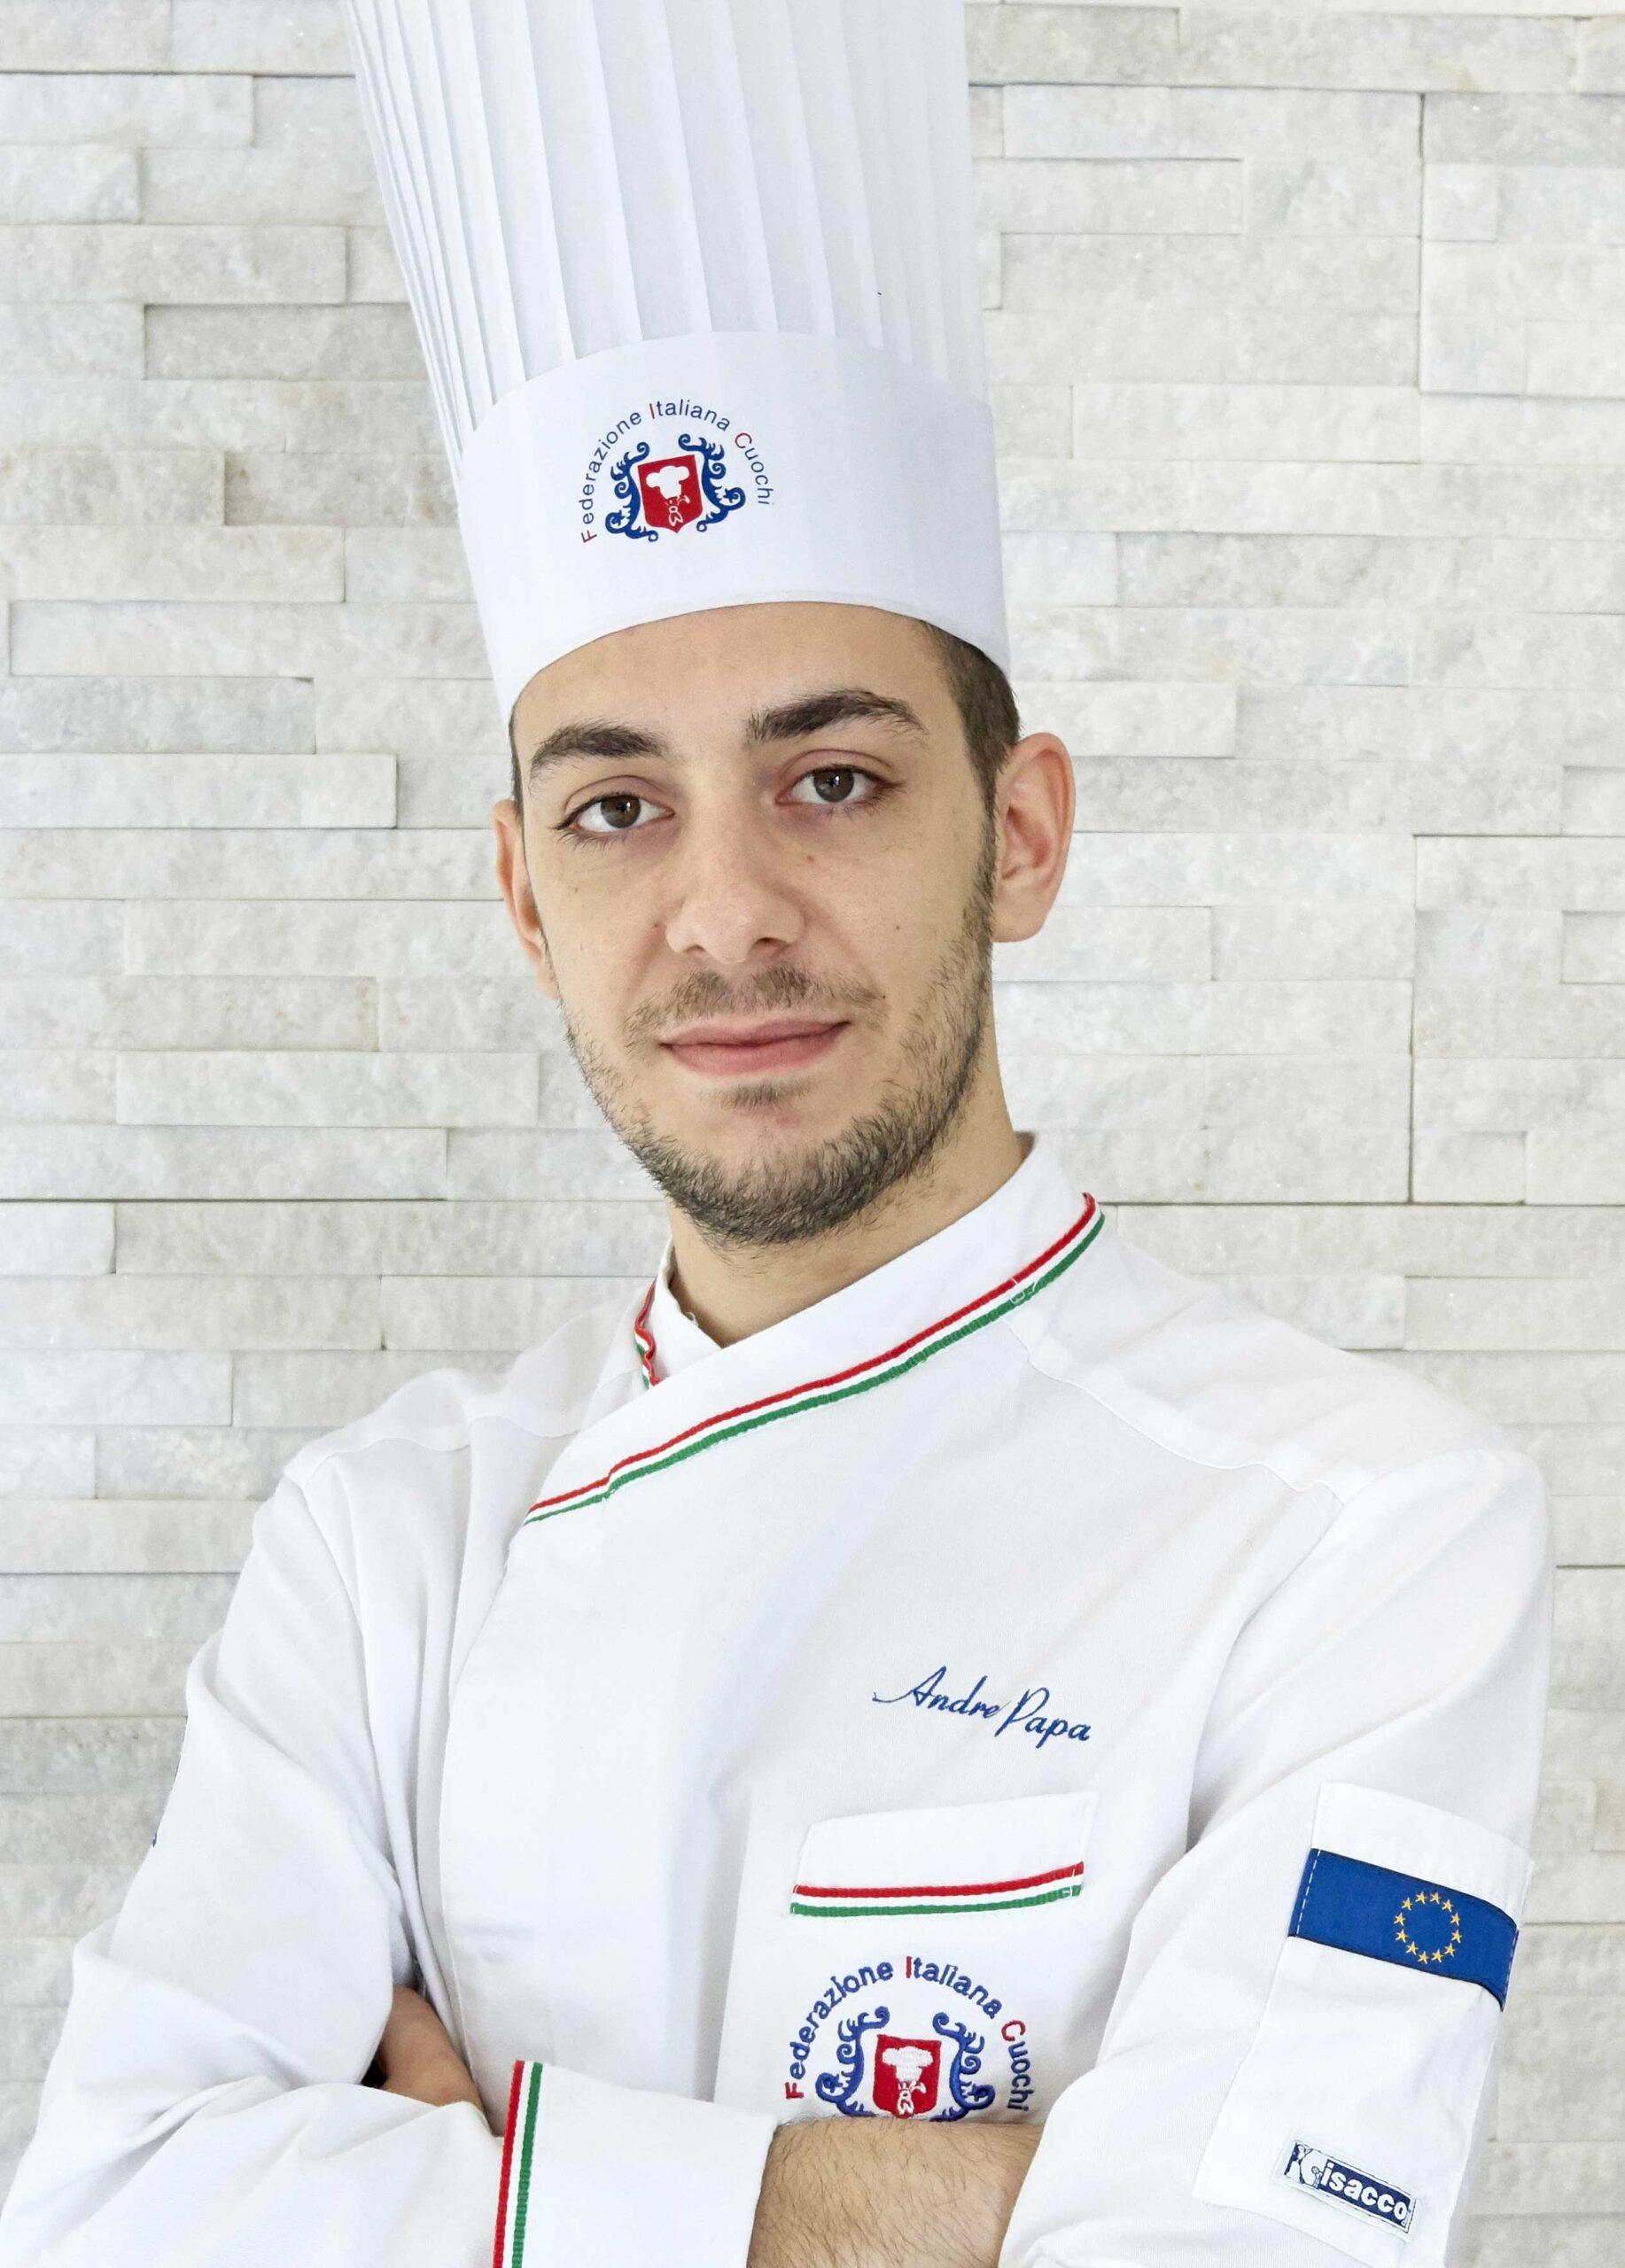 Andrea Papa